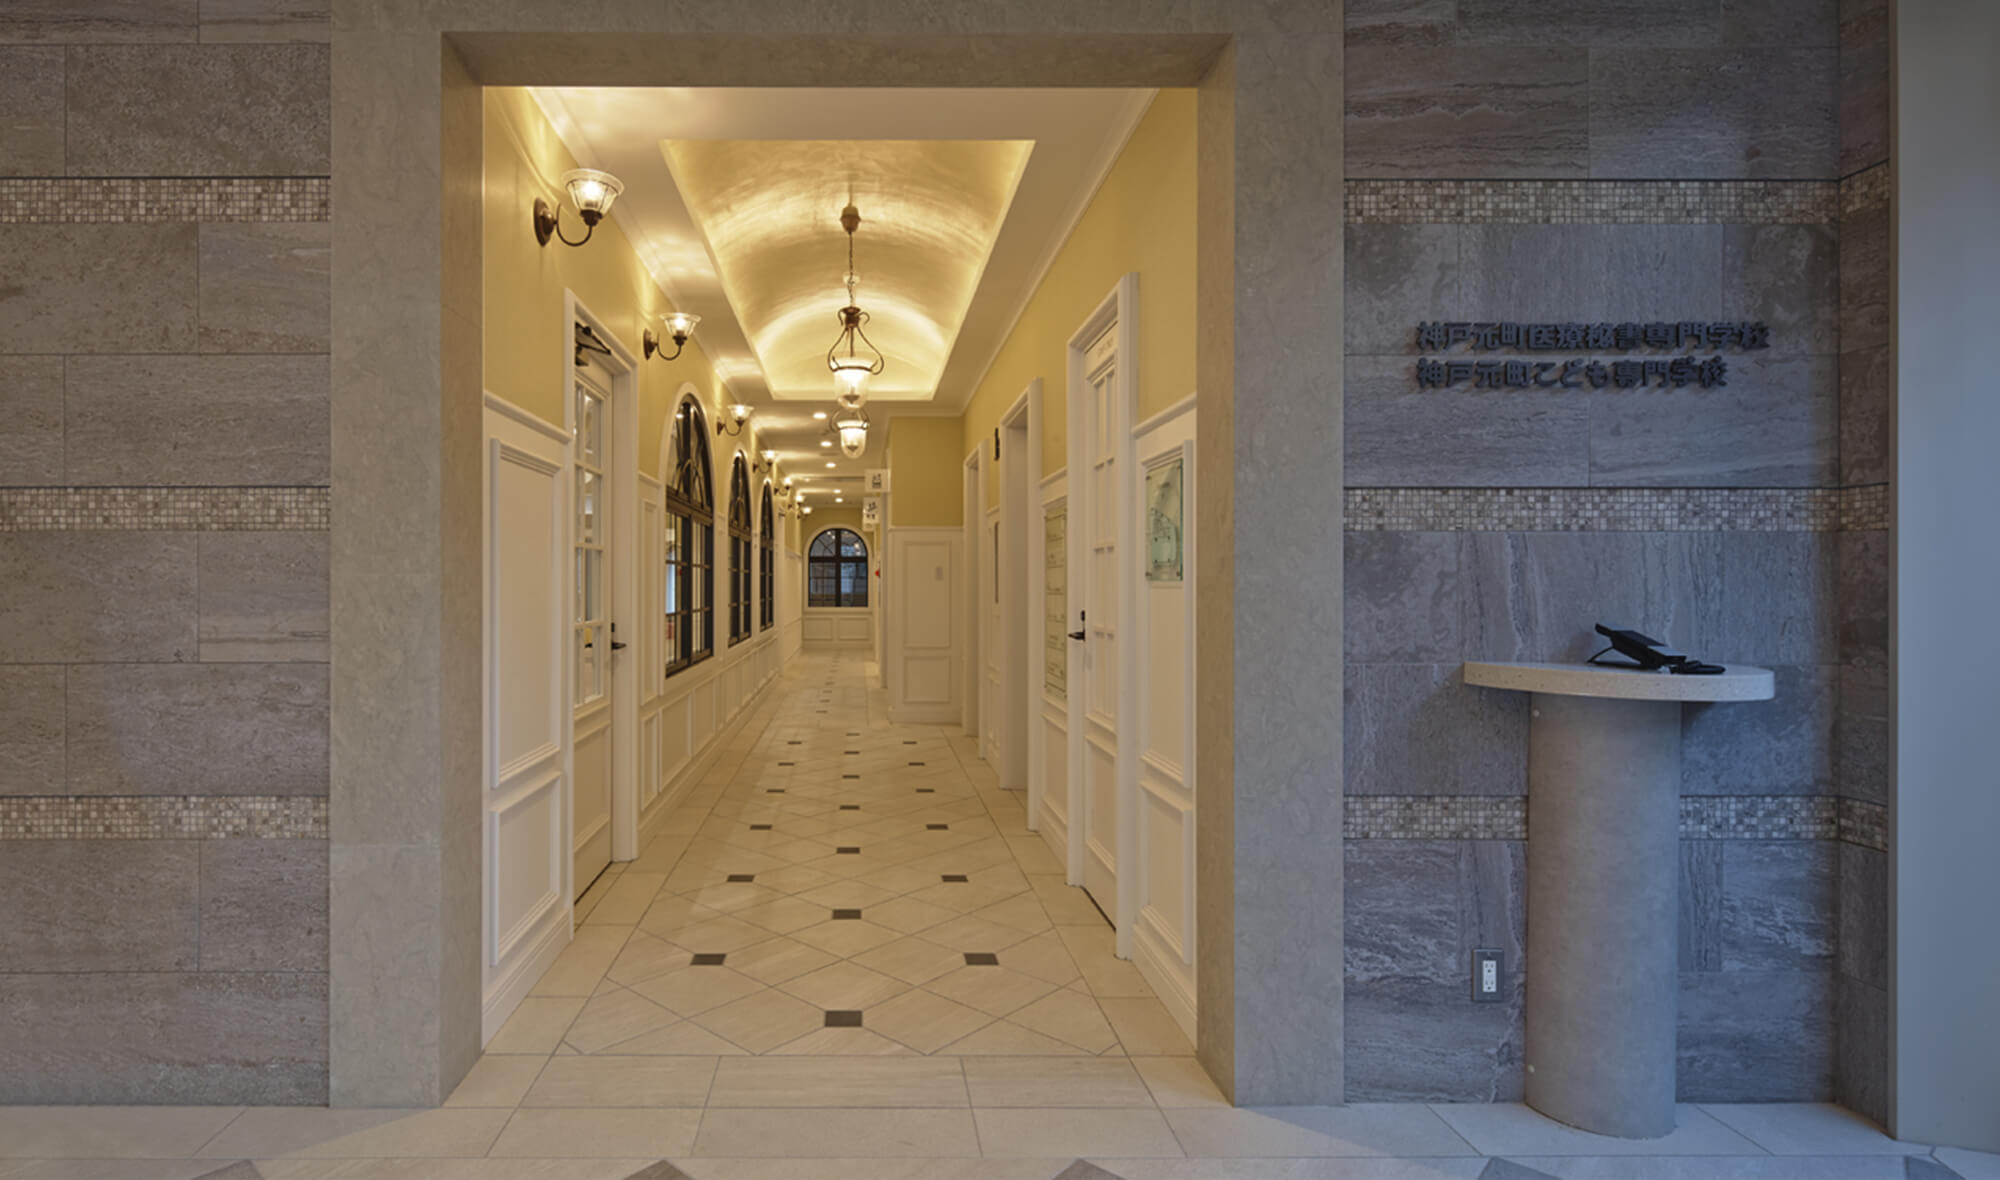 エントランスとキッズルーム前の廊下